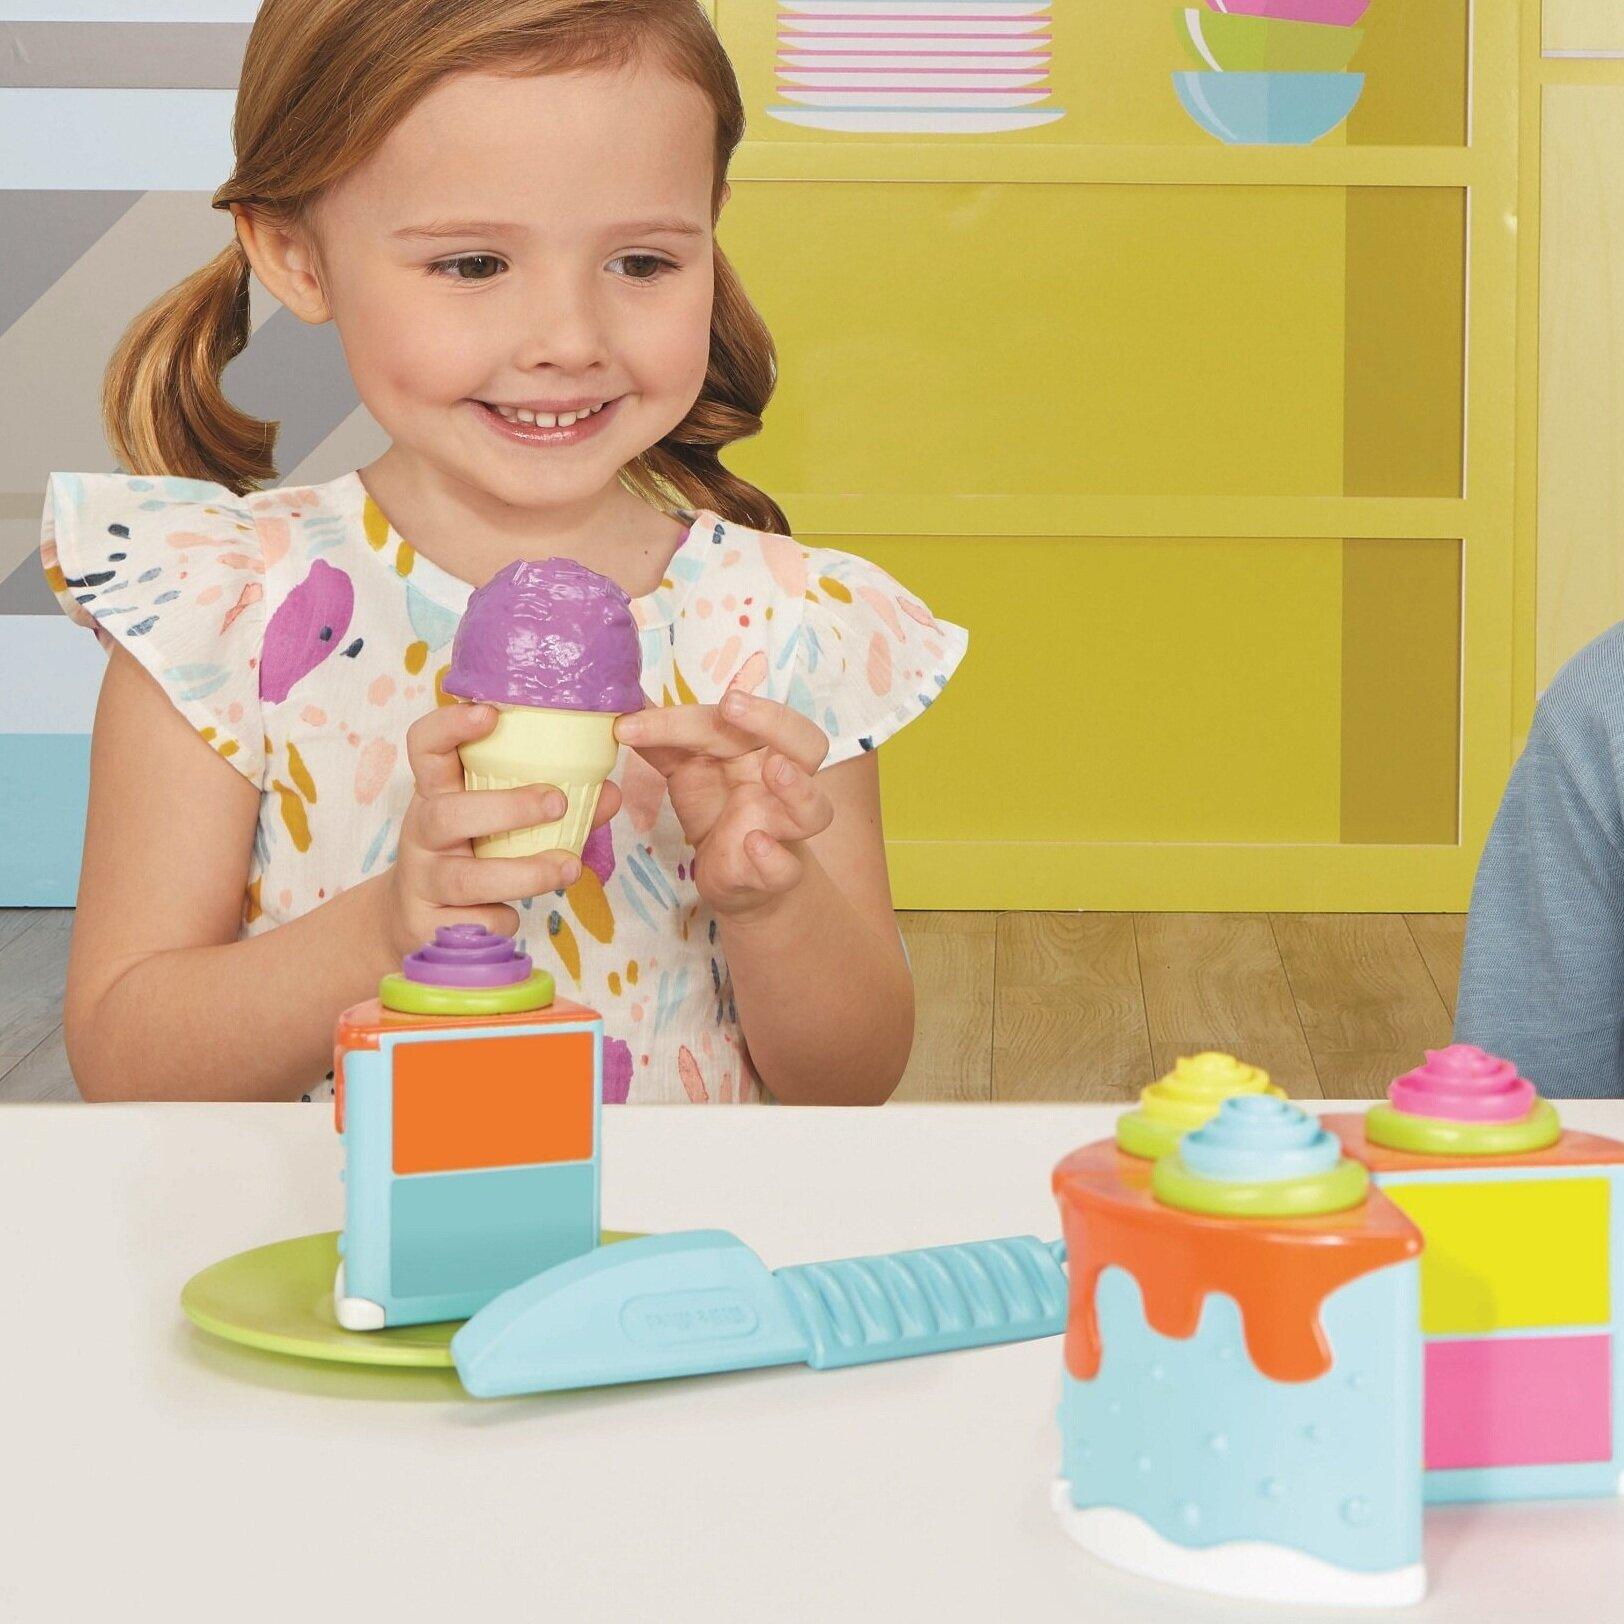 Bake 'n Share Birthday set - $14.99